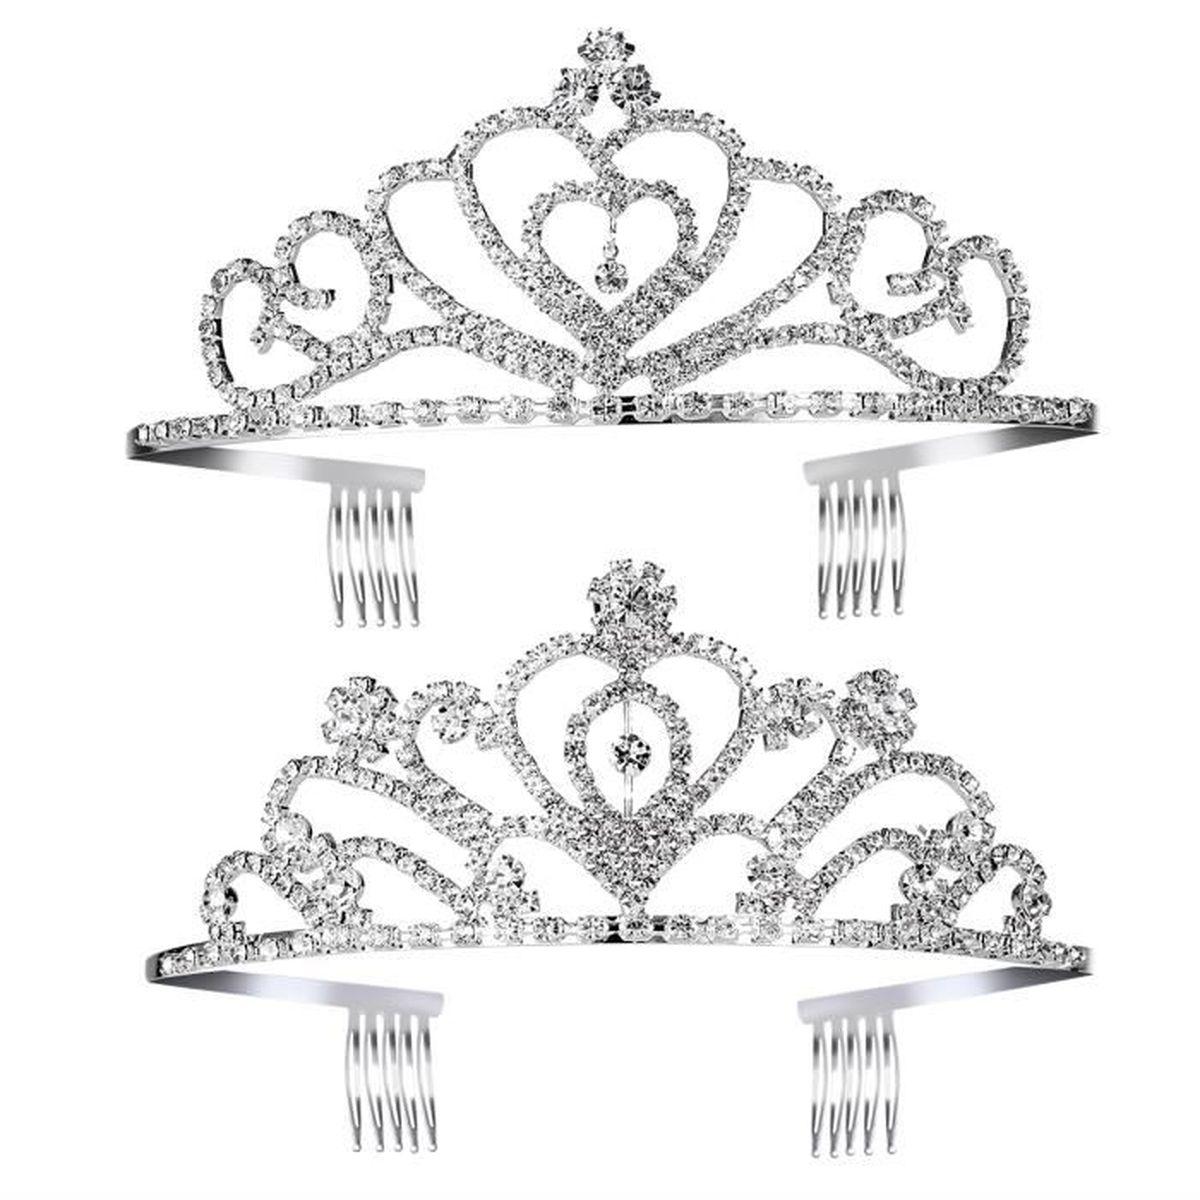 Reine diadèmes Frozen tiara diadèmes mariage pinces flocons de neige